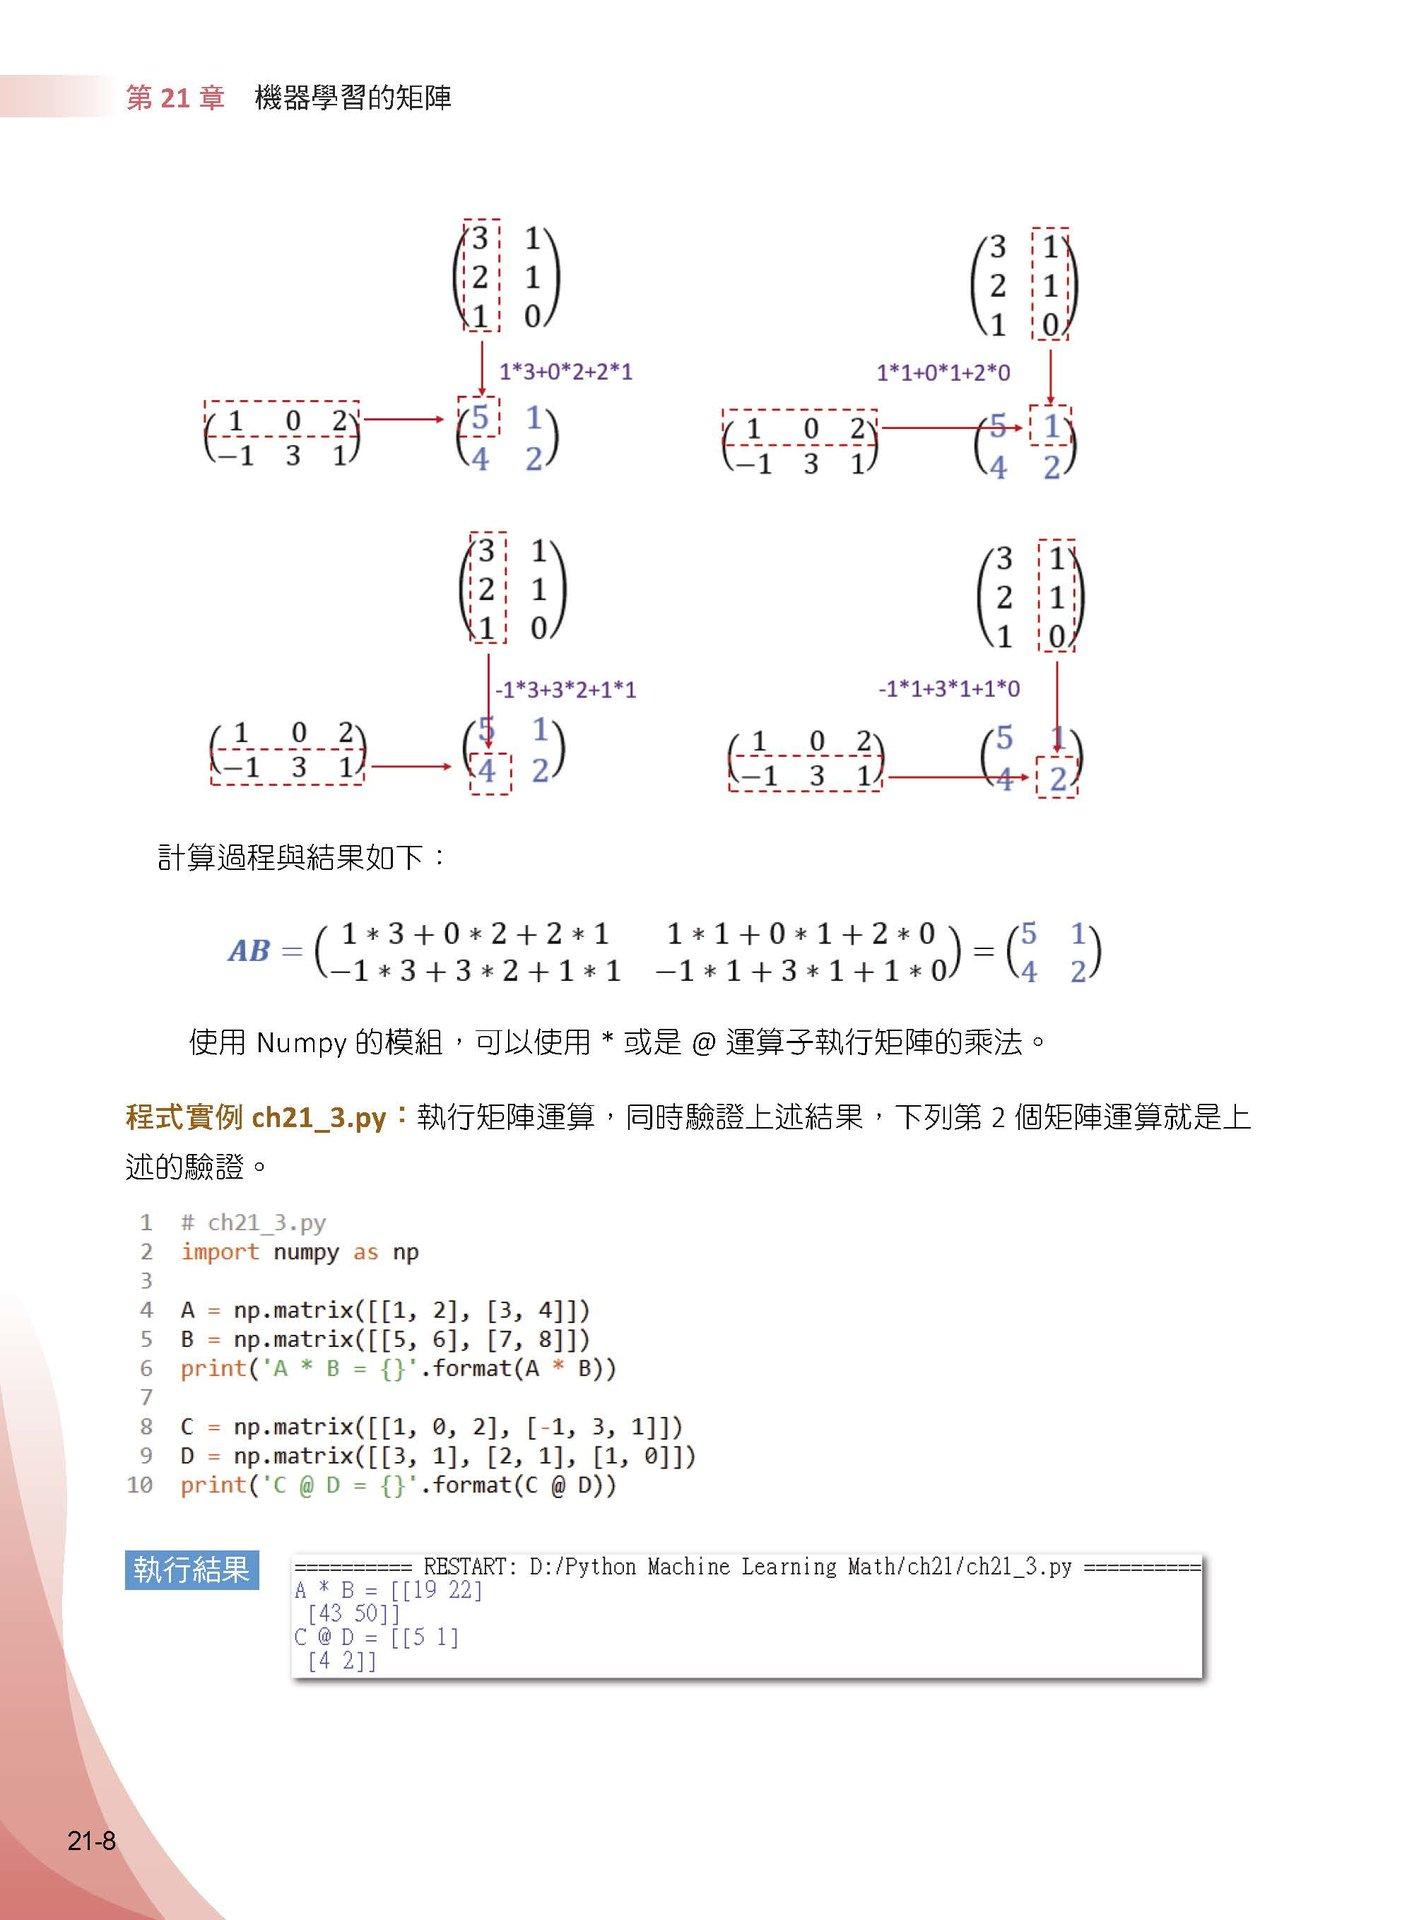 機器學習:彩色圖解 + 基礎數學篇 + Python 實作 -- 王者歸來, 2/e-preview-10